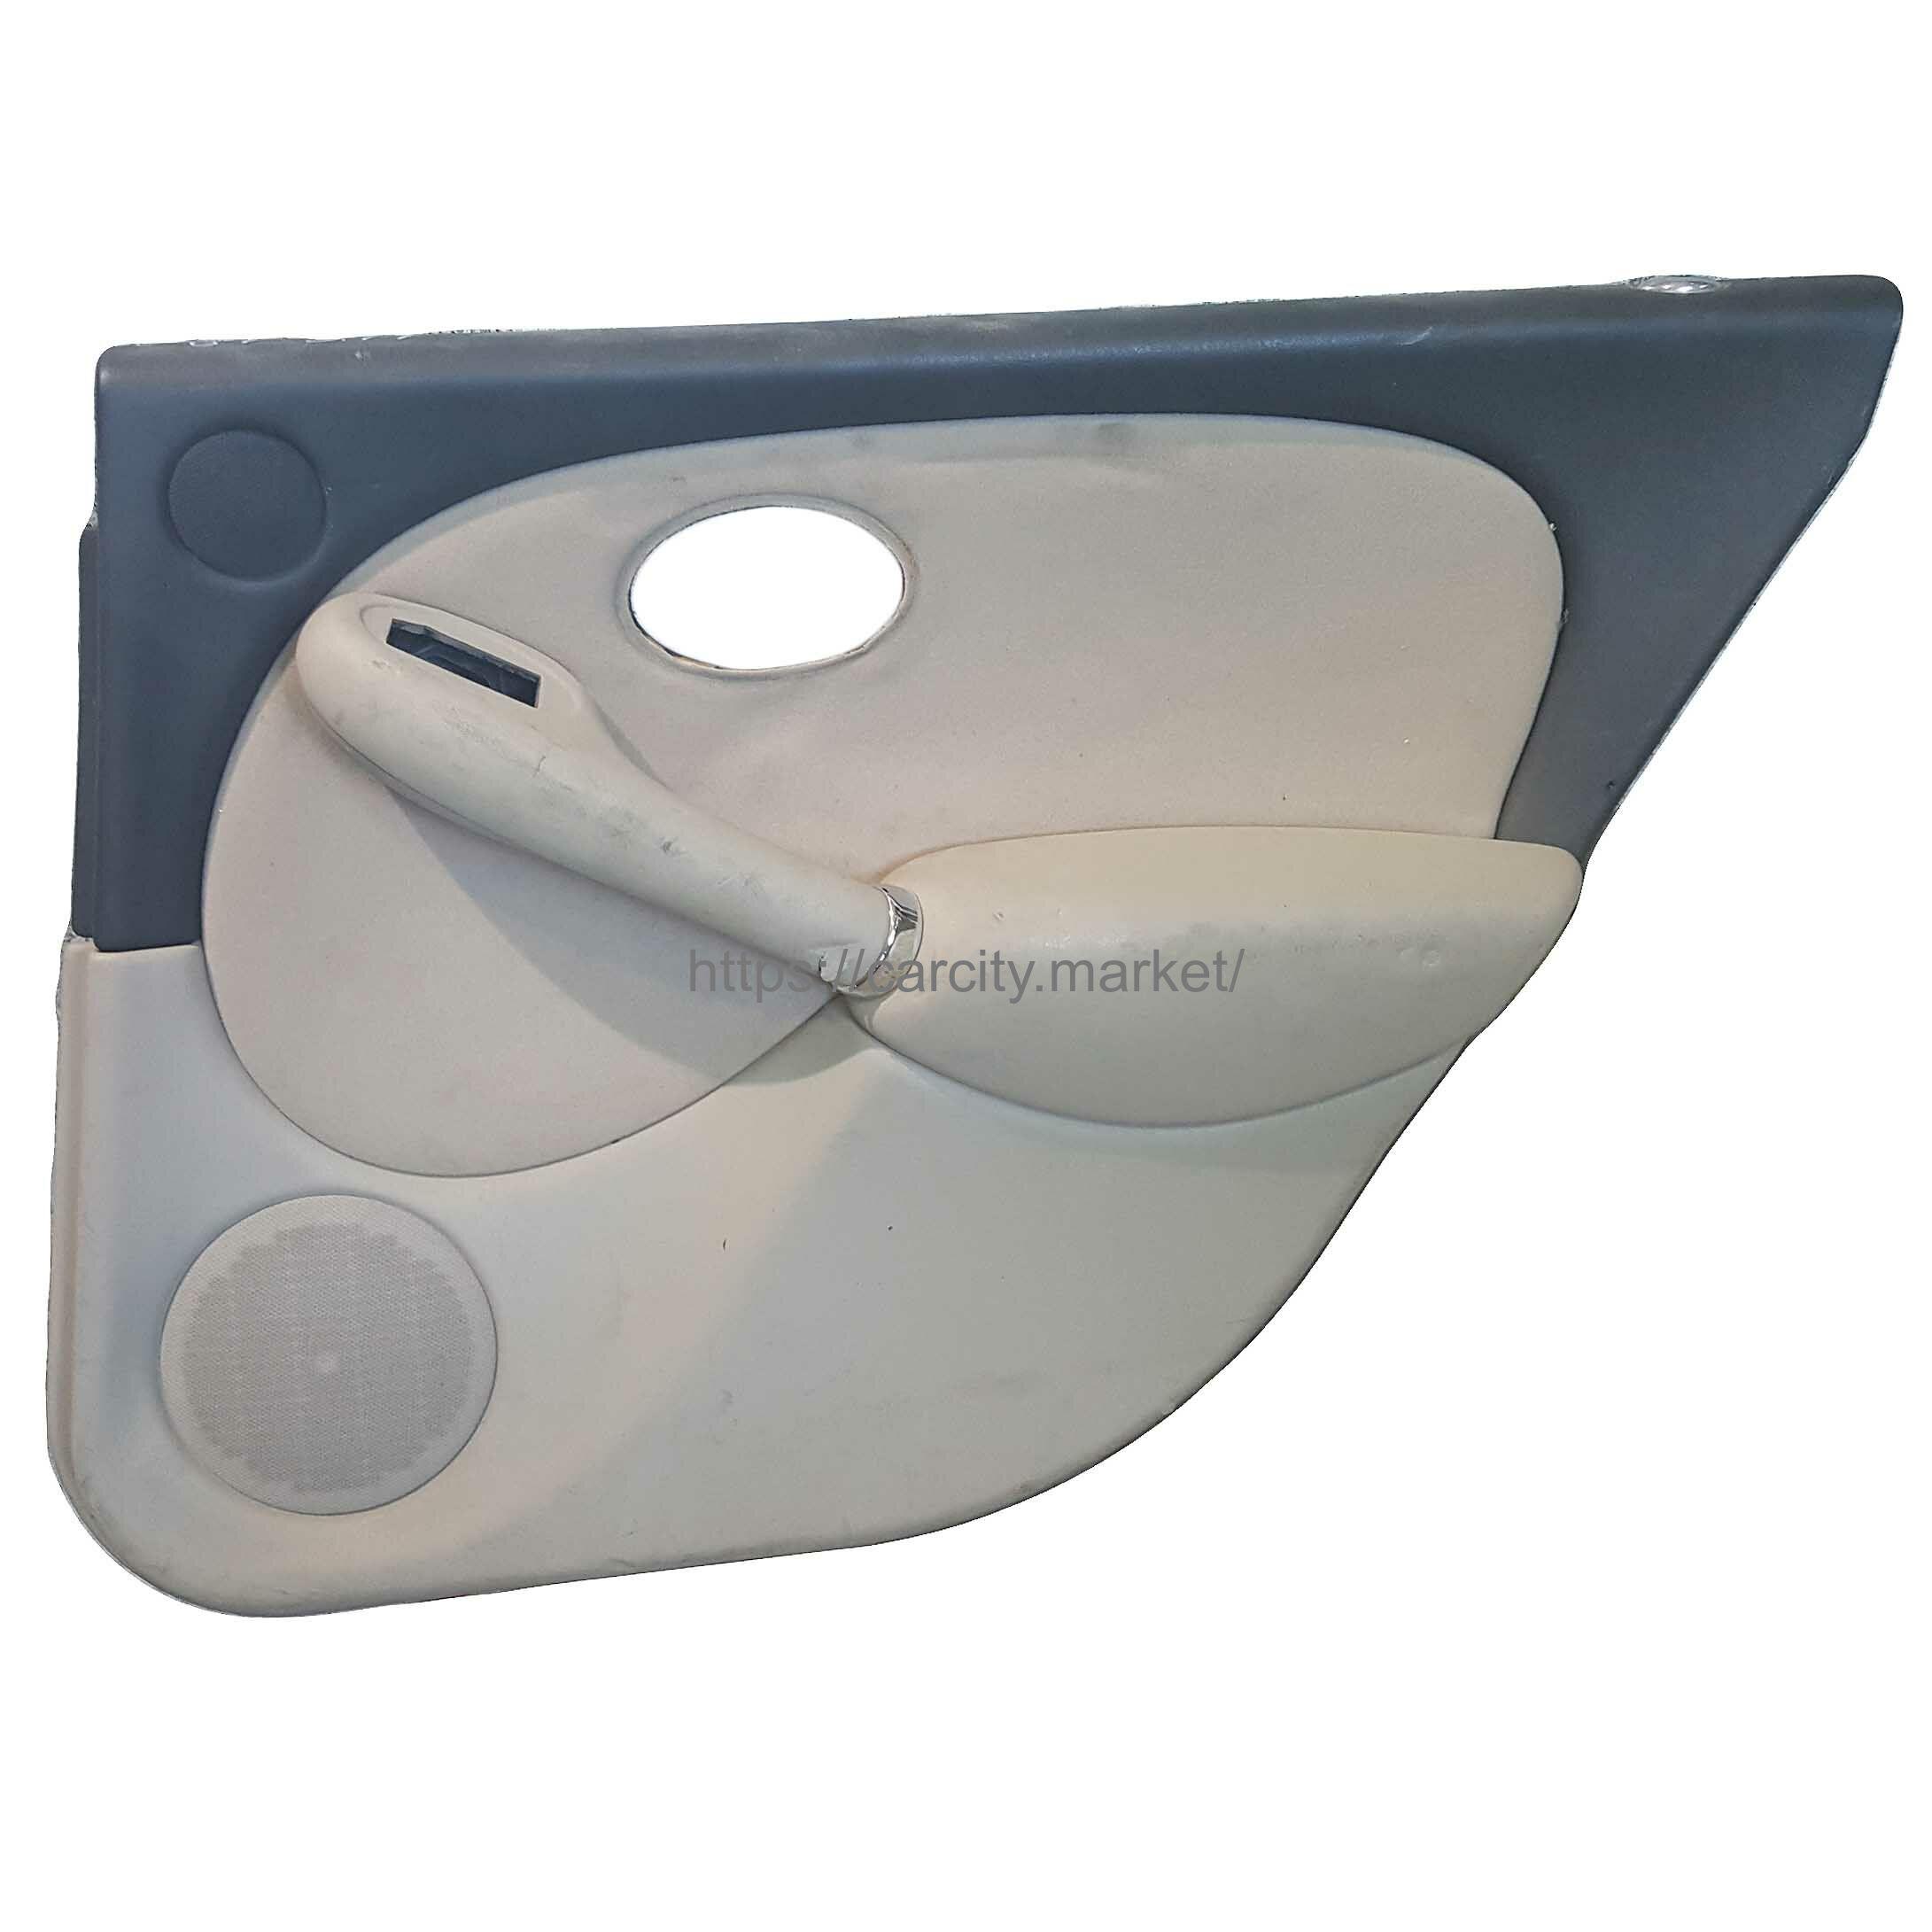 Обшивка двери задняя правая Rover 75 купить в Карсти Маркет